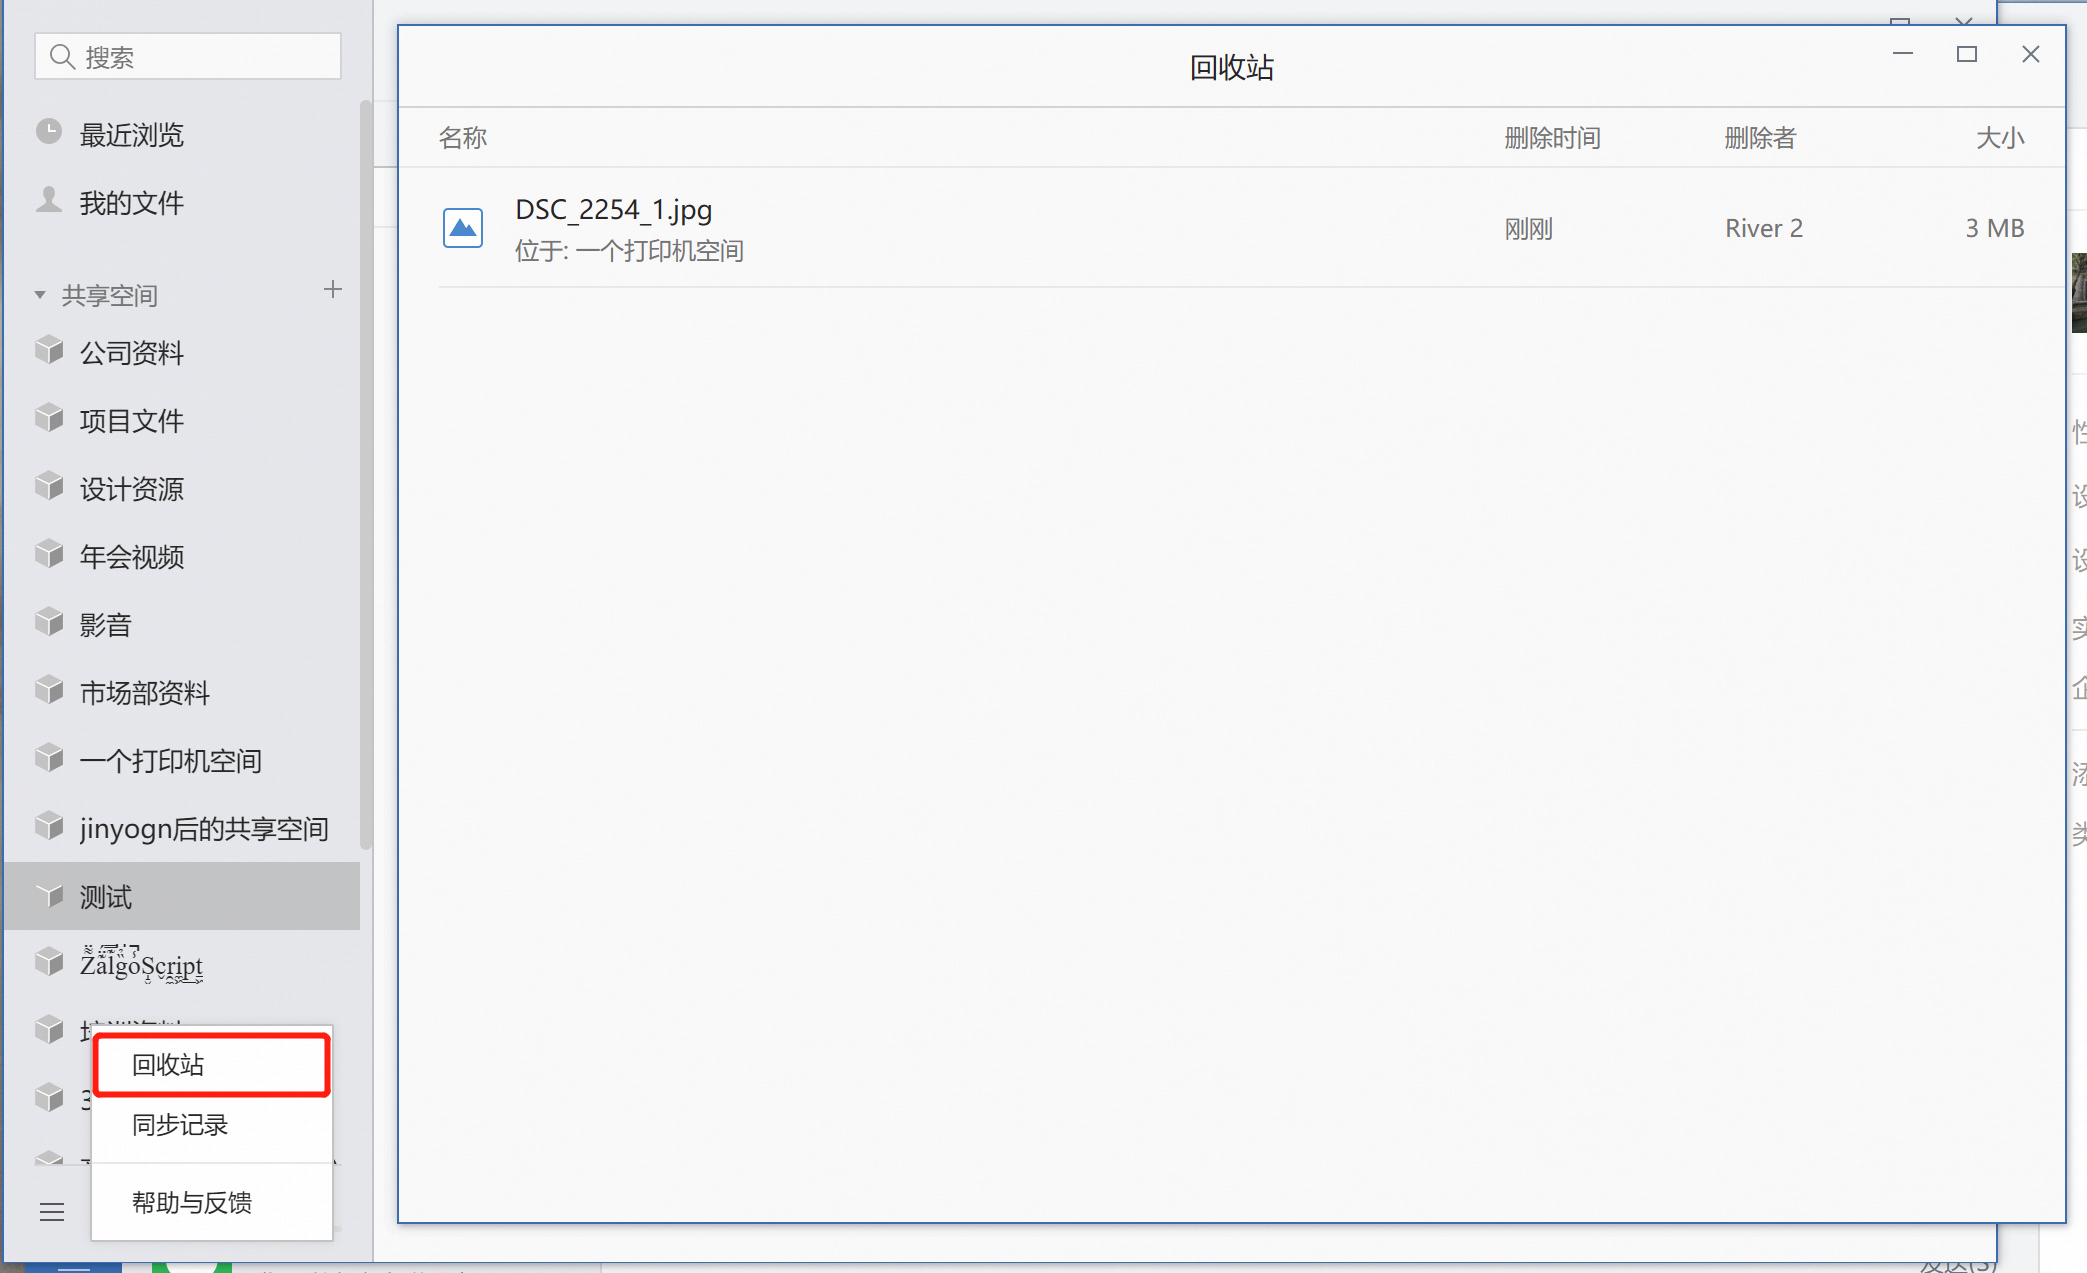 企业微信微盘文件删除后如何找回?